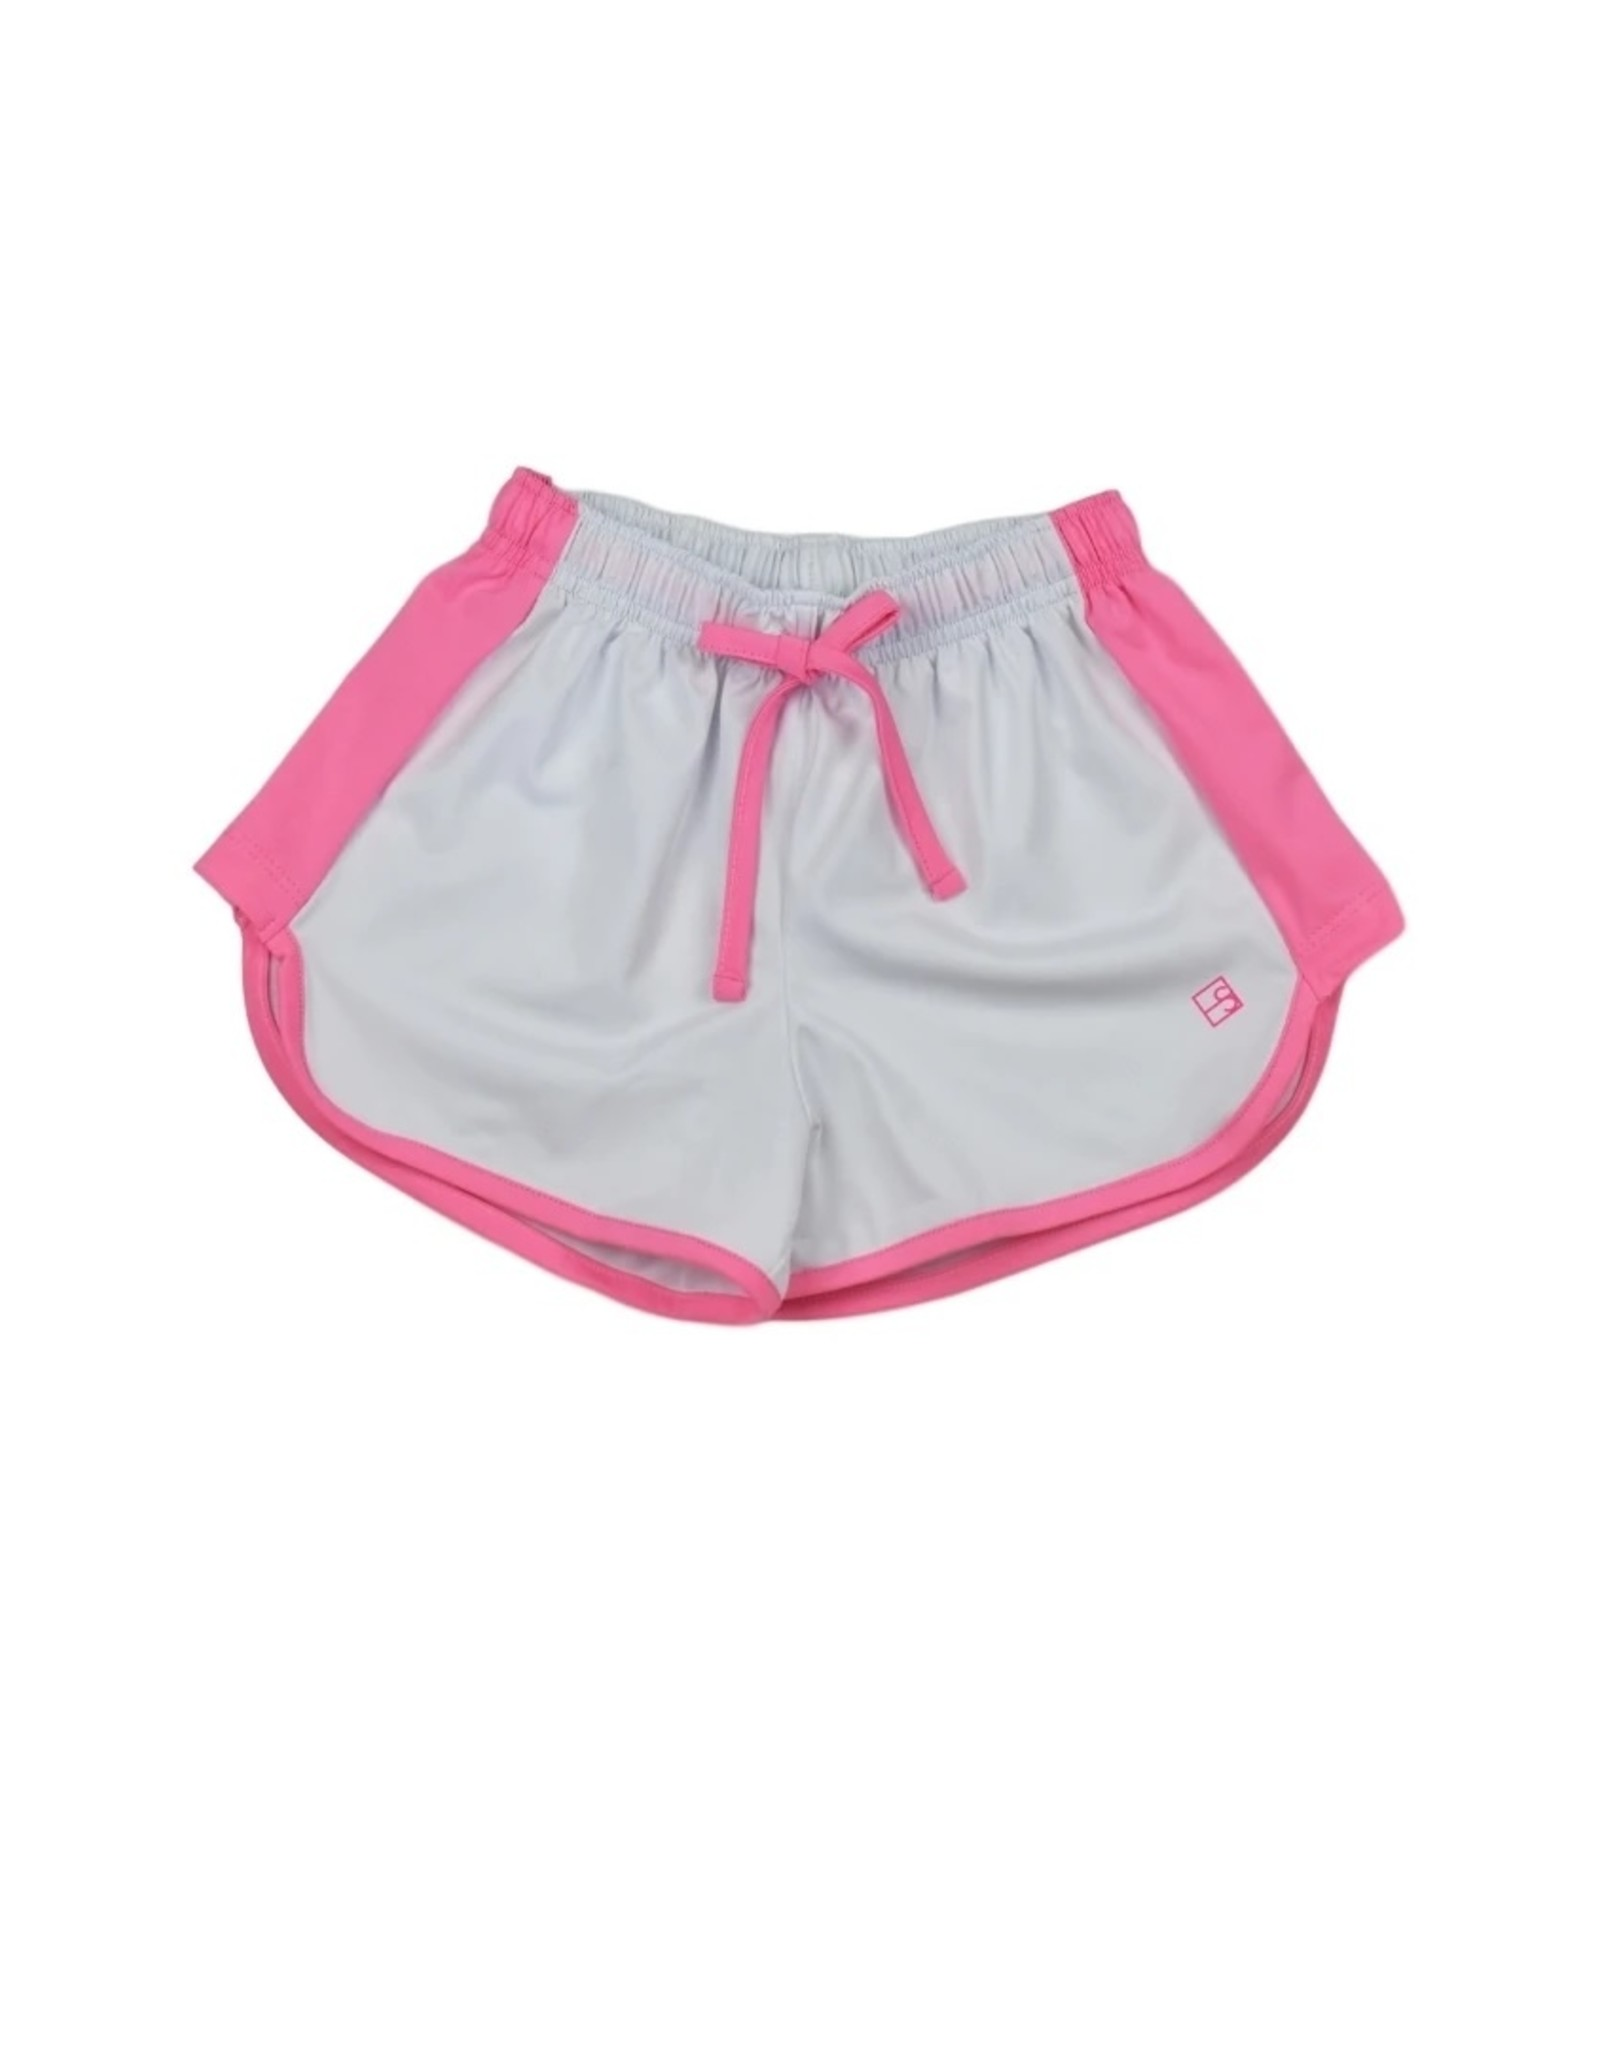 SET Annie Short White w/ Pink Trim